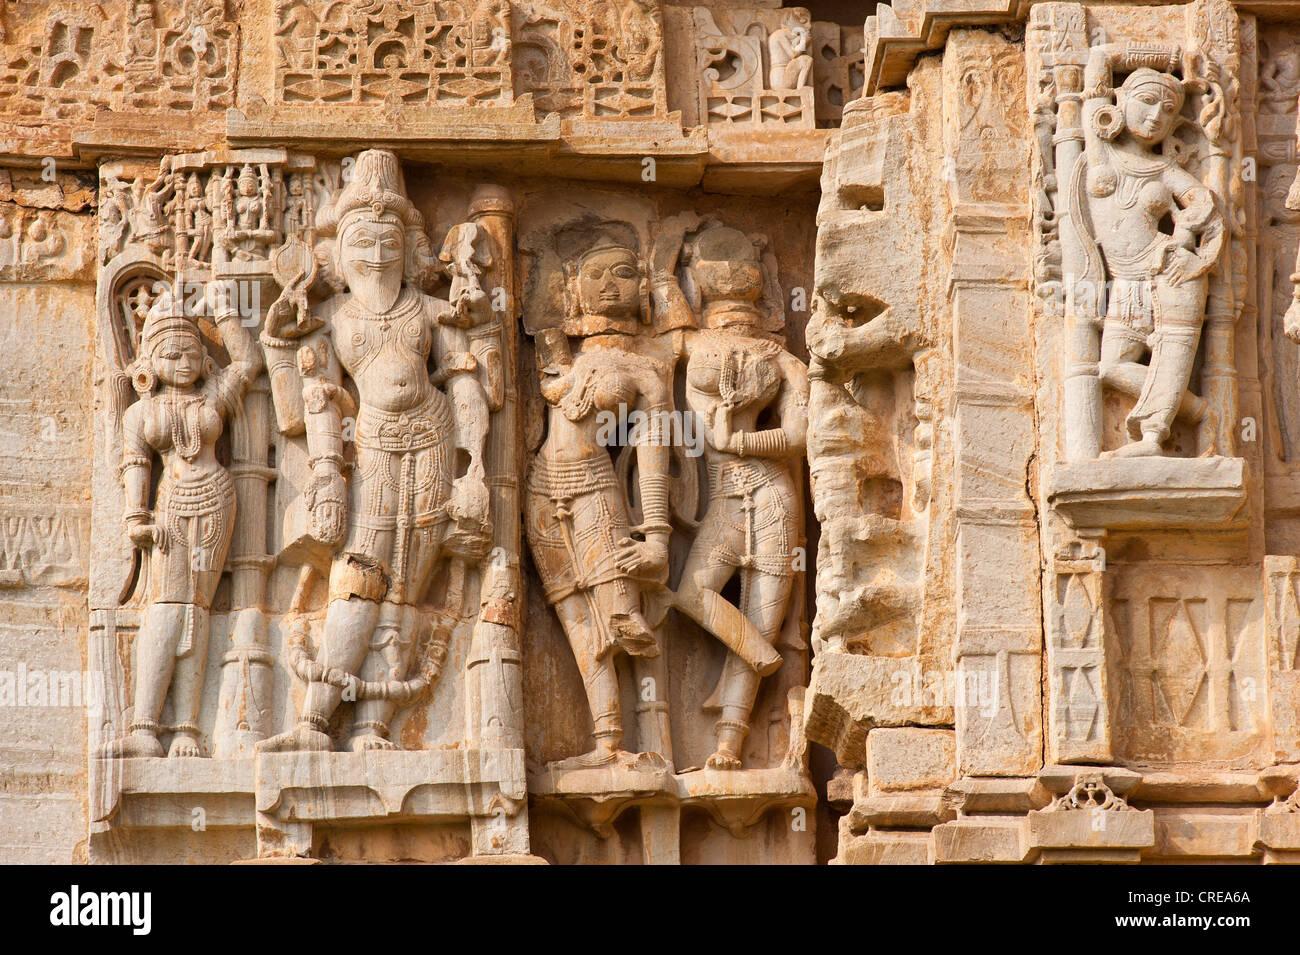 Hindu sculptures stock photos